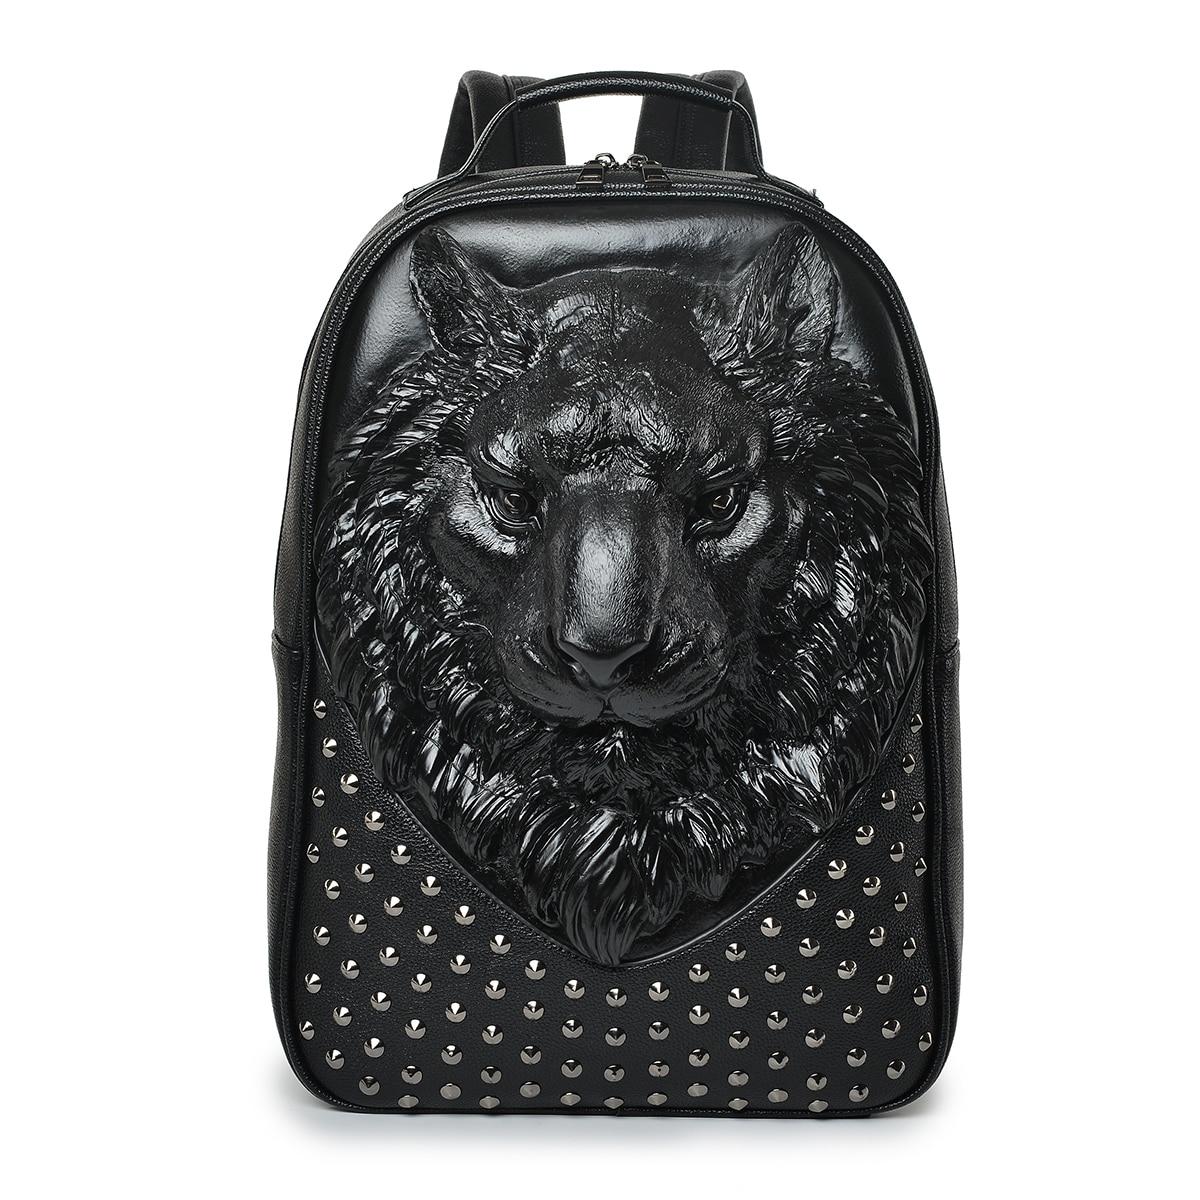 Hommes sac à dos 3D en relief tête de tigre clouté Rivet Gother femmes en cuir souple voyage punk rock sac à dos ordinateur portable école Halloween sac - 3